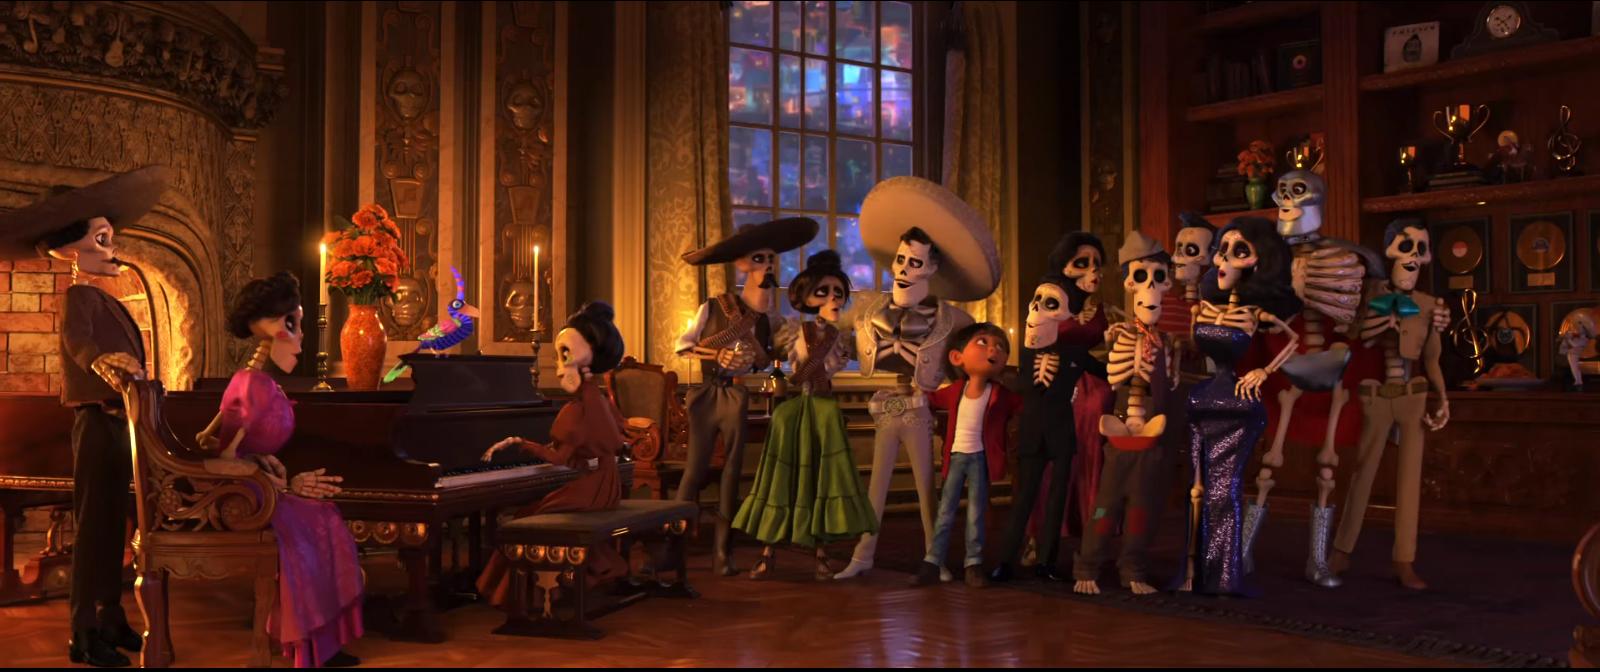 Iconos mexicanos, Coco, disney Pixar – Voz Abierta